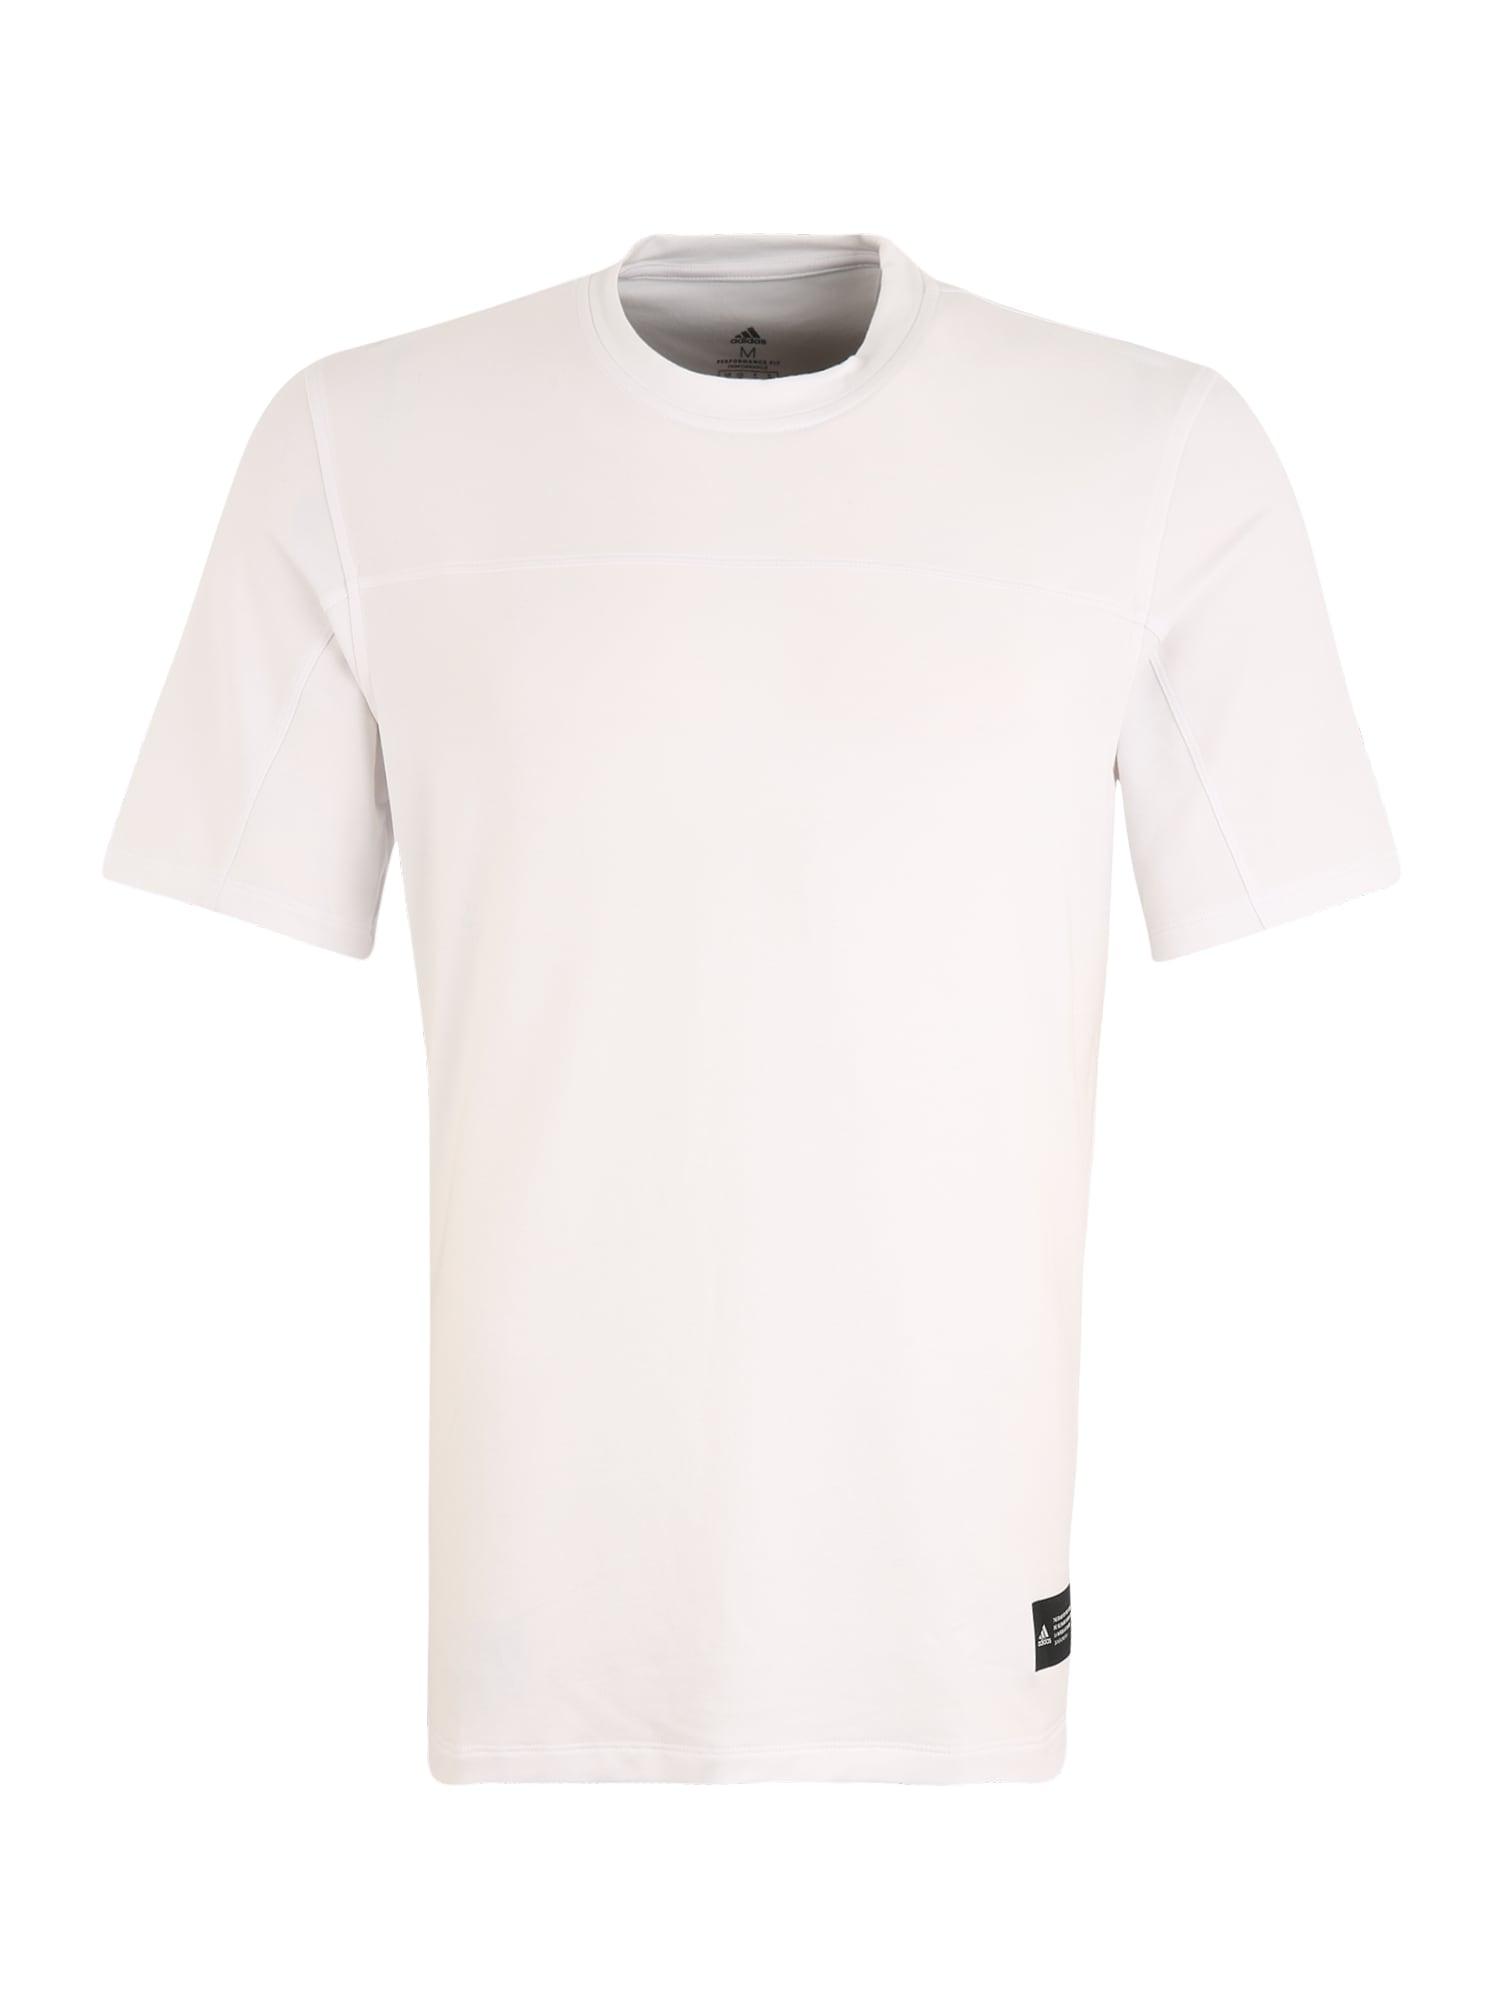 ADIDAS PERFORMANCE Sportiniai marškinėliai 'TKO TEE' balta